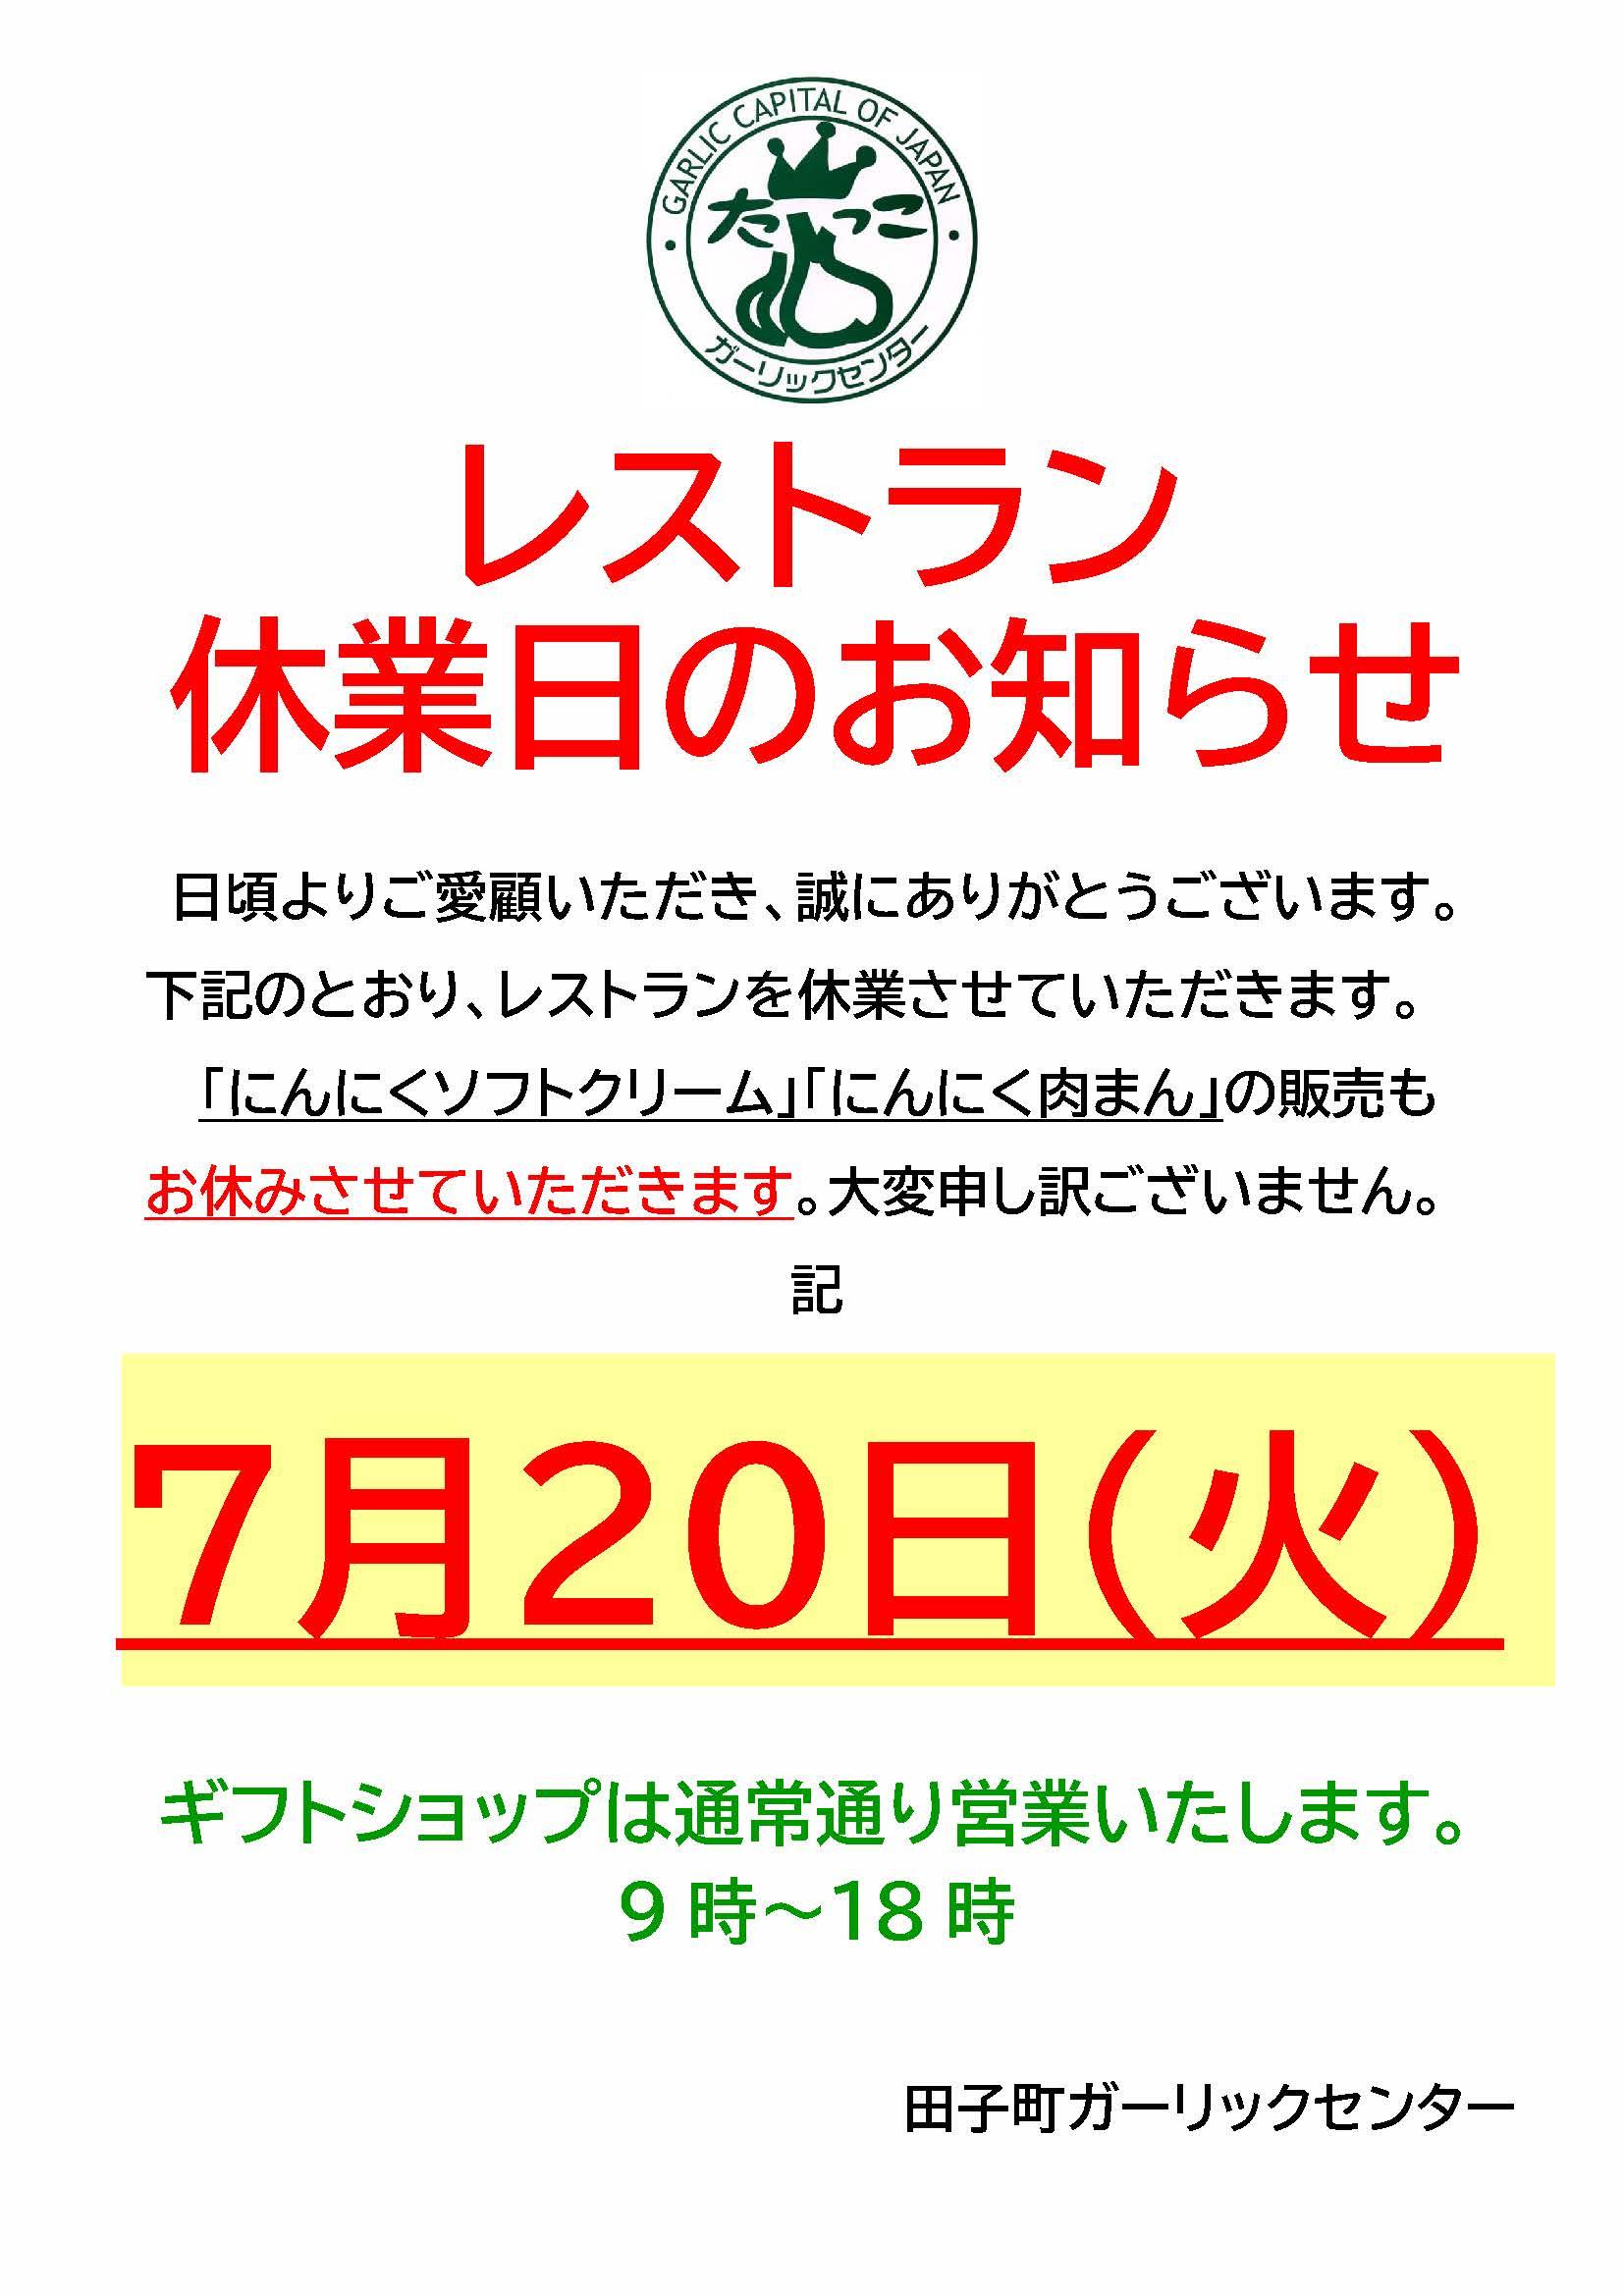 7/20(火)レストランお休み